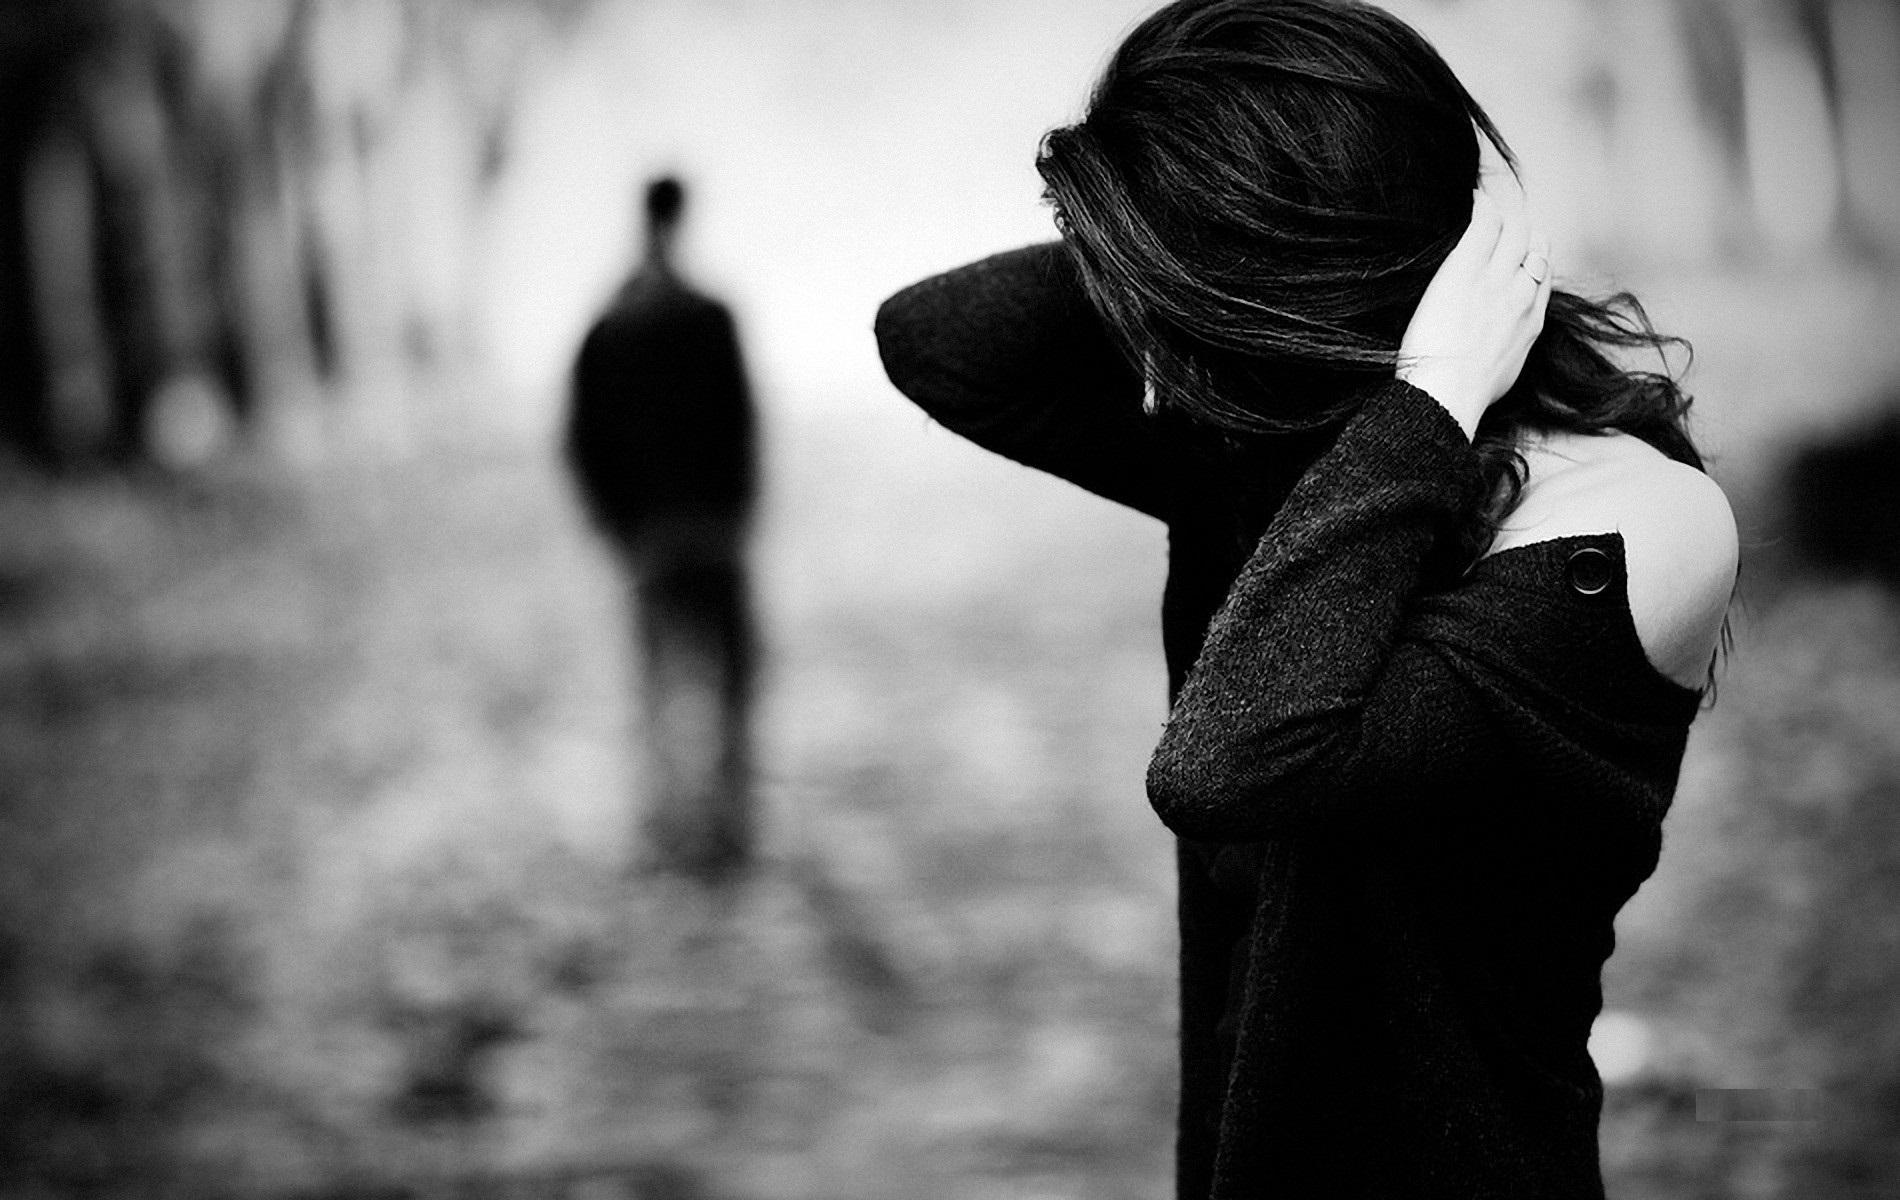 Sevgilimin Ailesiyle Tanışırken Nasıl Davranmalıyım